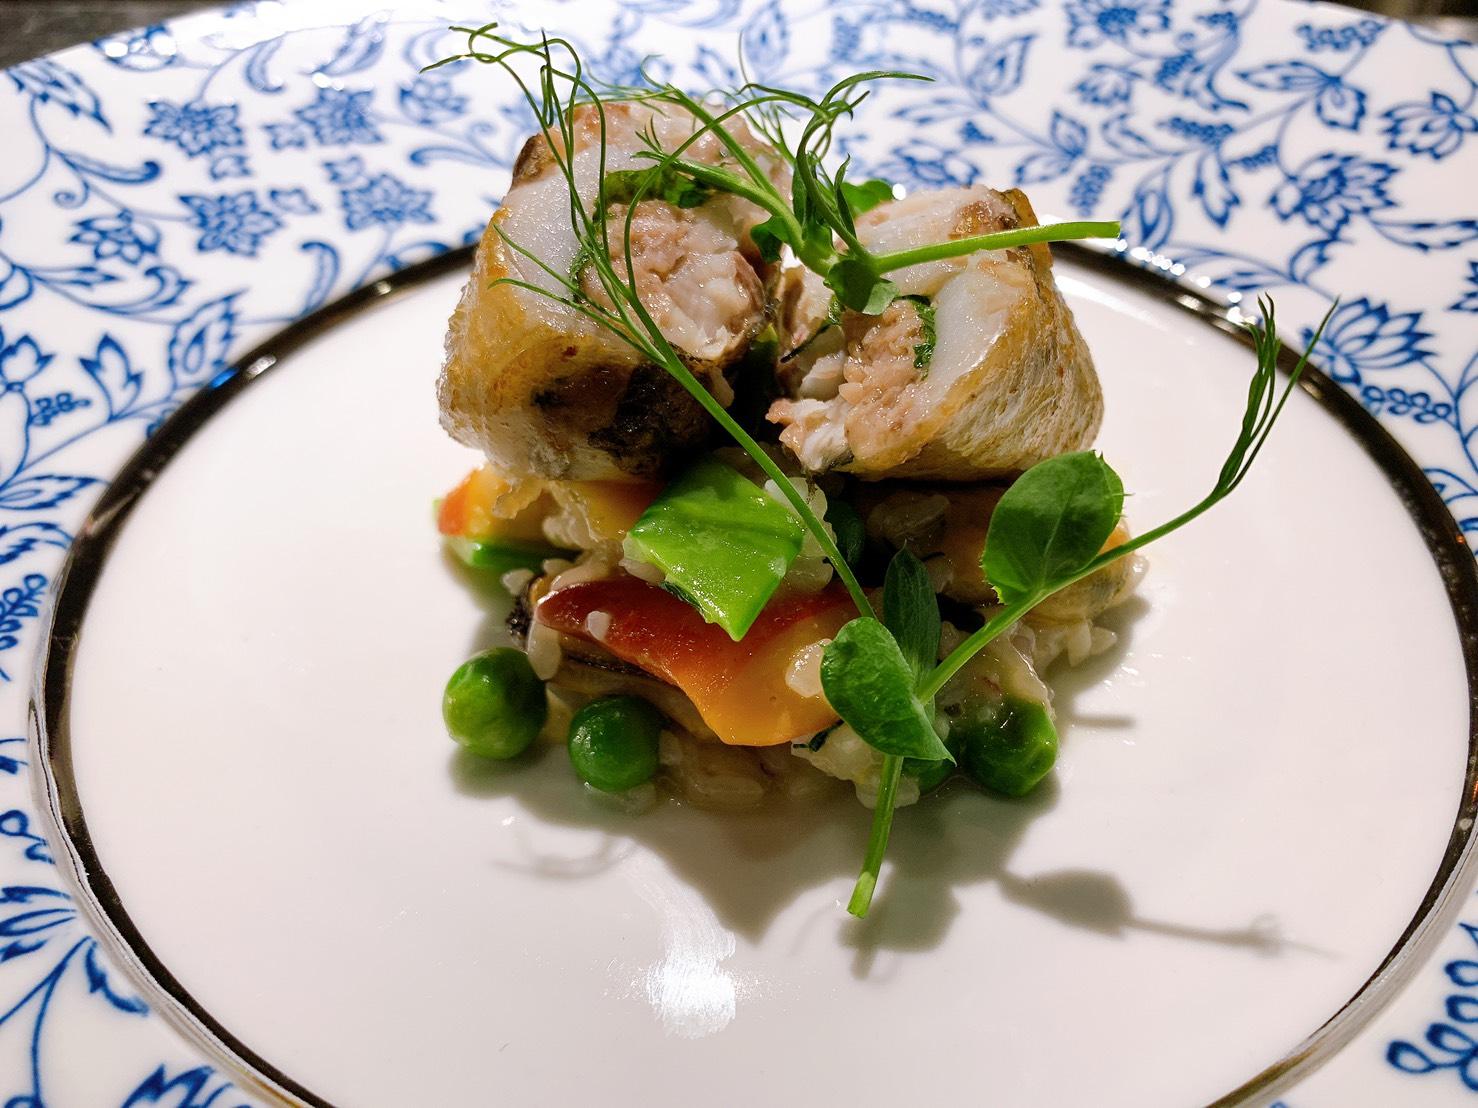 カマスとセセリのクレピネット包み 貝類と緑豆のリゾット